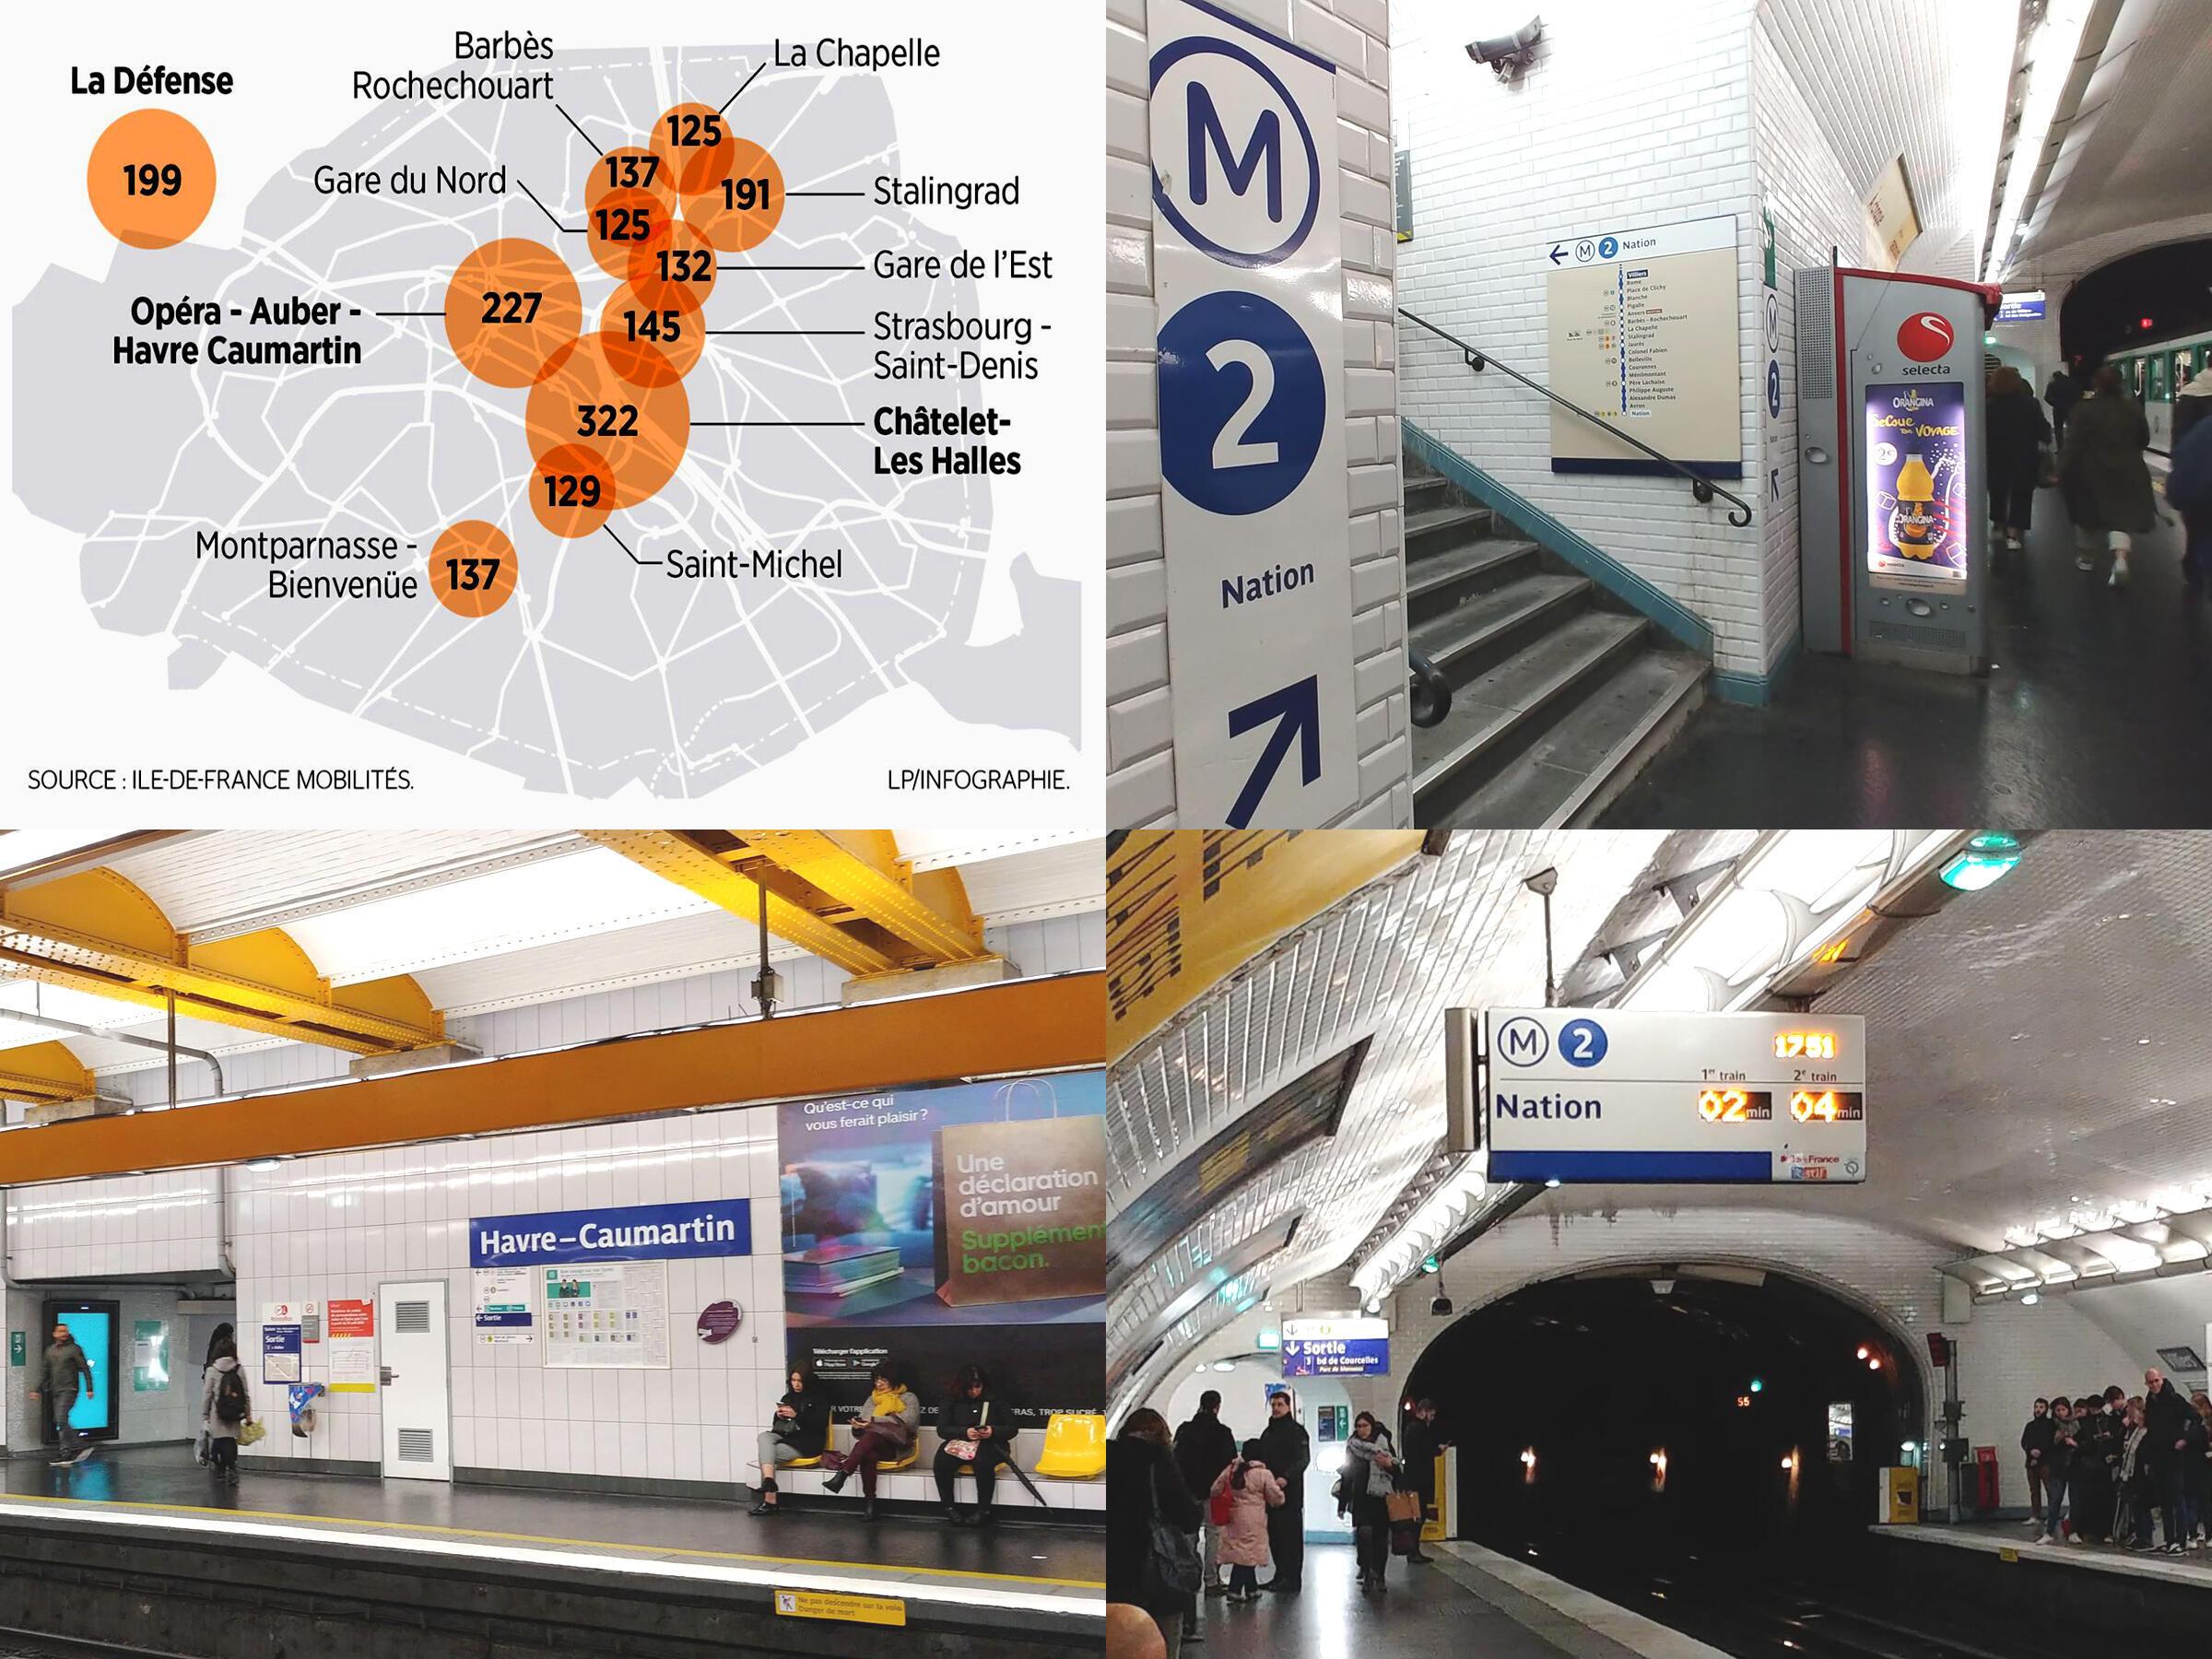 Hình bên trái : các trạm xe gặp nhiều nạn móc túi (nguồn IDFM) / hình bên phải : tuyến đường số 2 có nhiều trạm xe thu hút đông đảo du khách lui tới